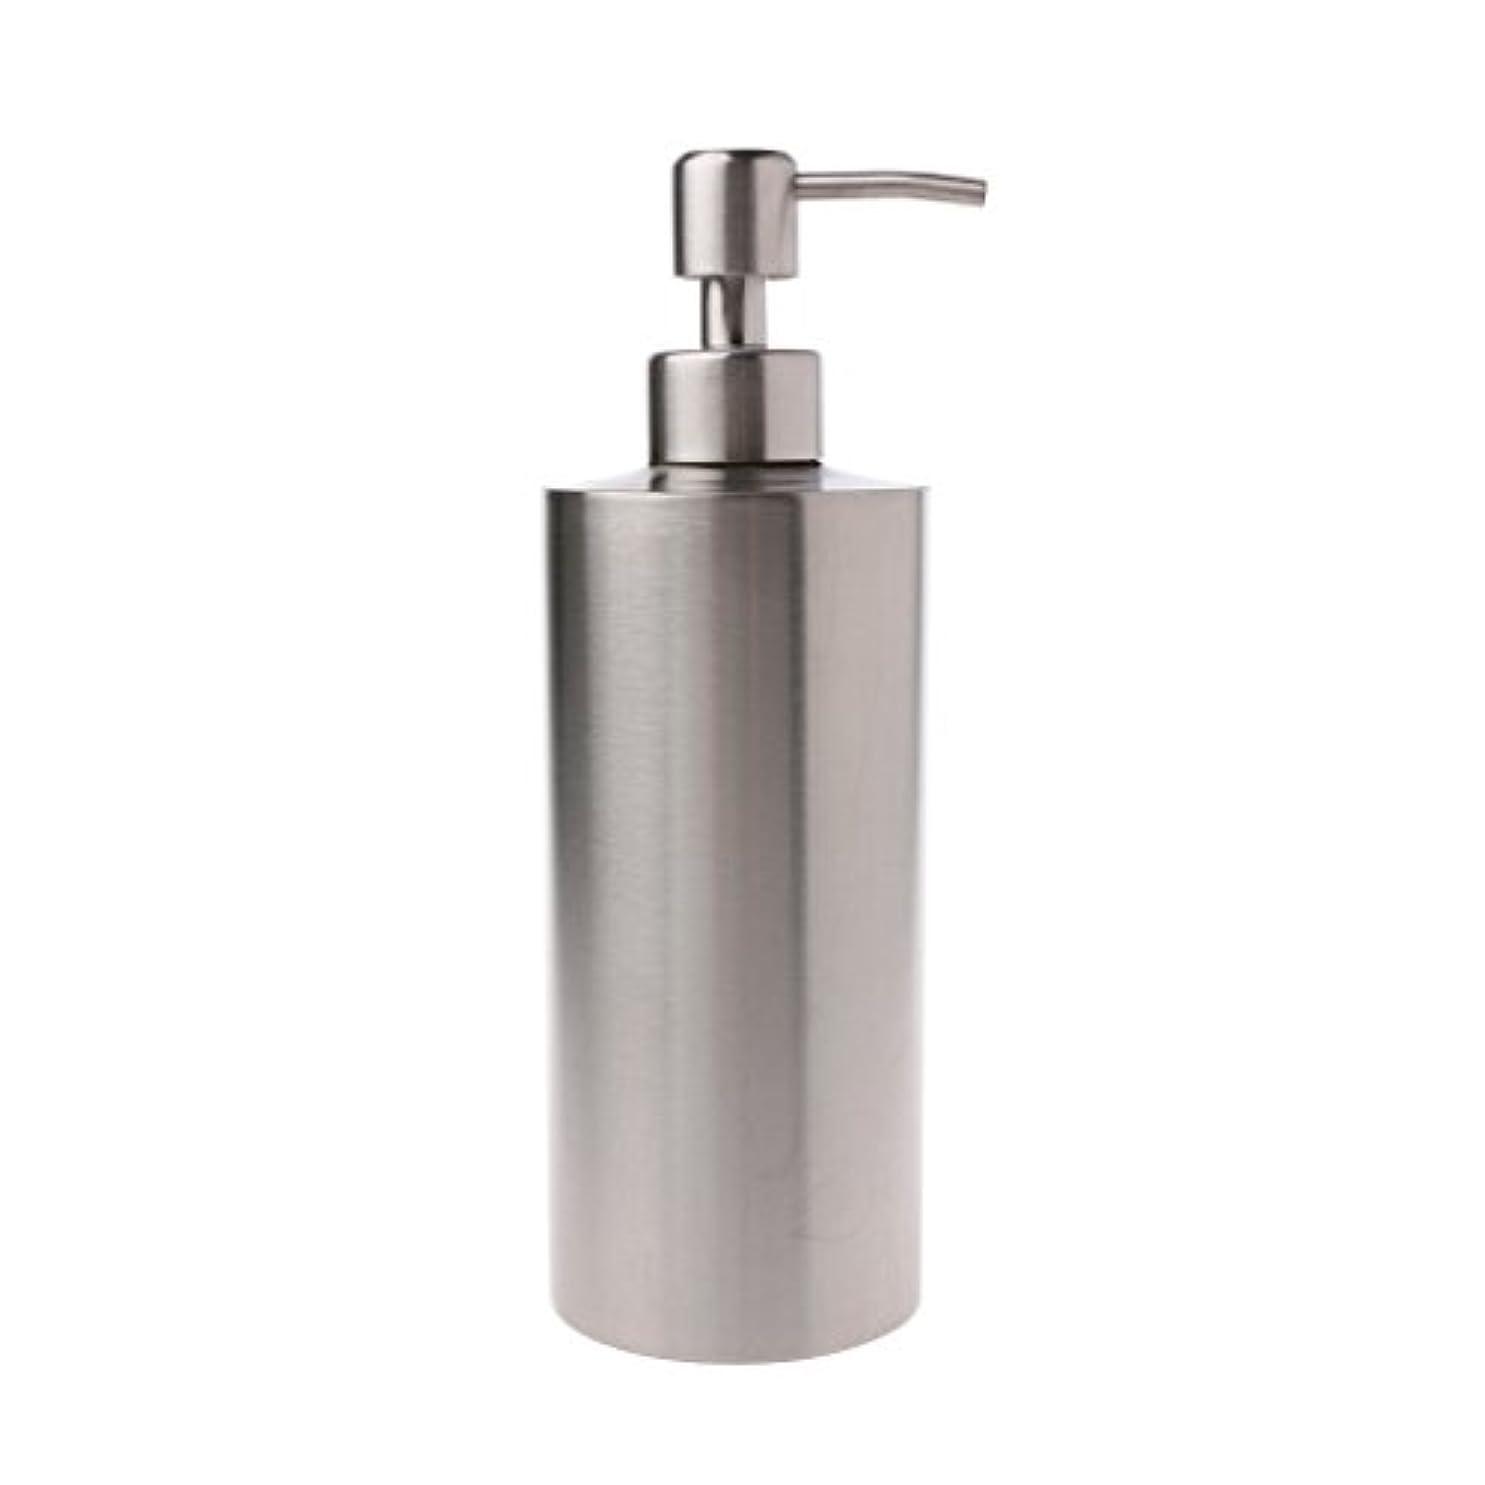 鼓舞する死ぬLamdoo 304ステンレス鋼ポンプ液体石鹸ローションディスペンサーボトルキッチンバスルーム